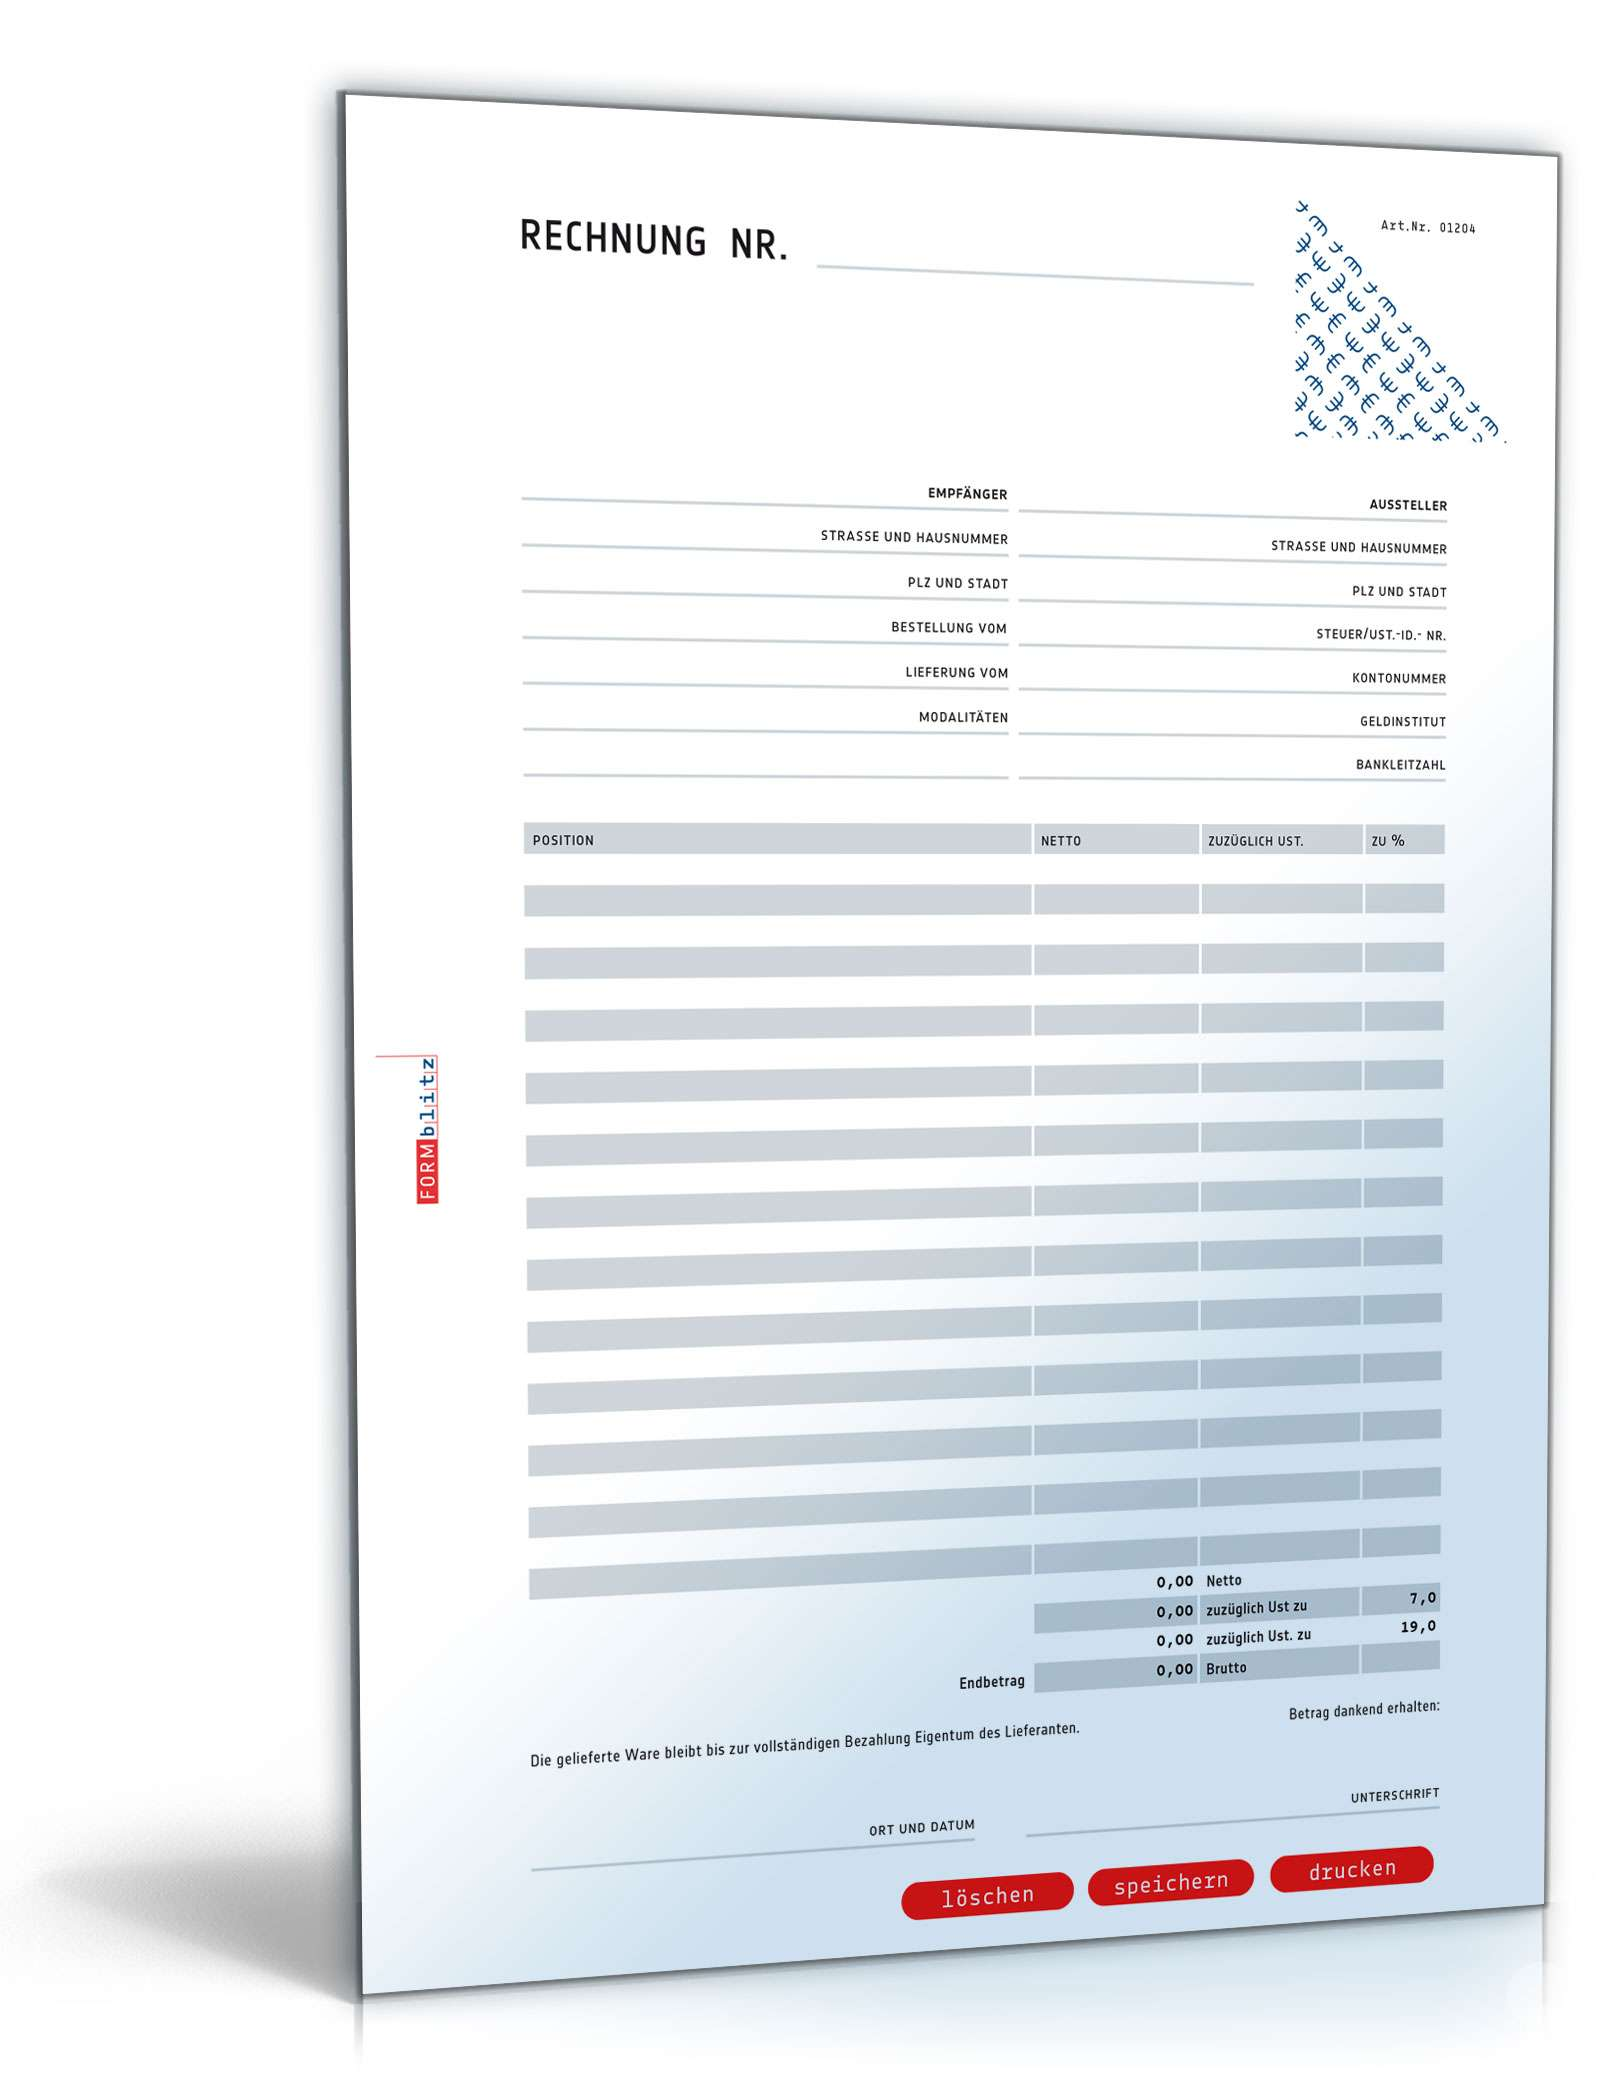 Rechnung netto (Addition und Variation der Umsatzsteuer) Dokument zum Download